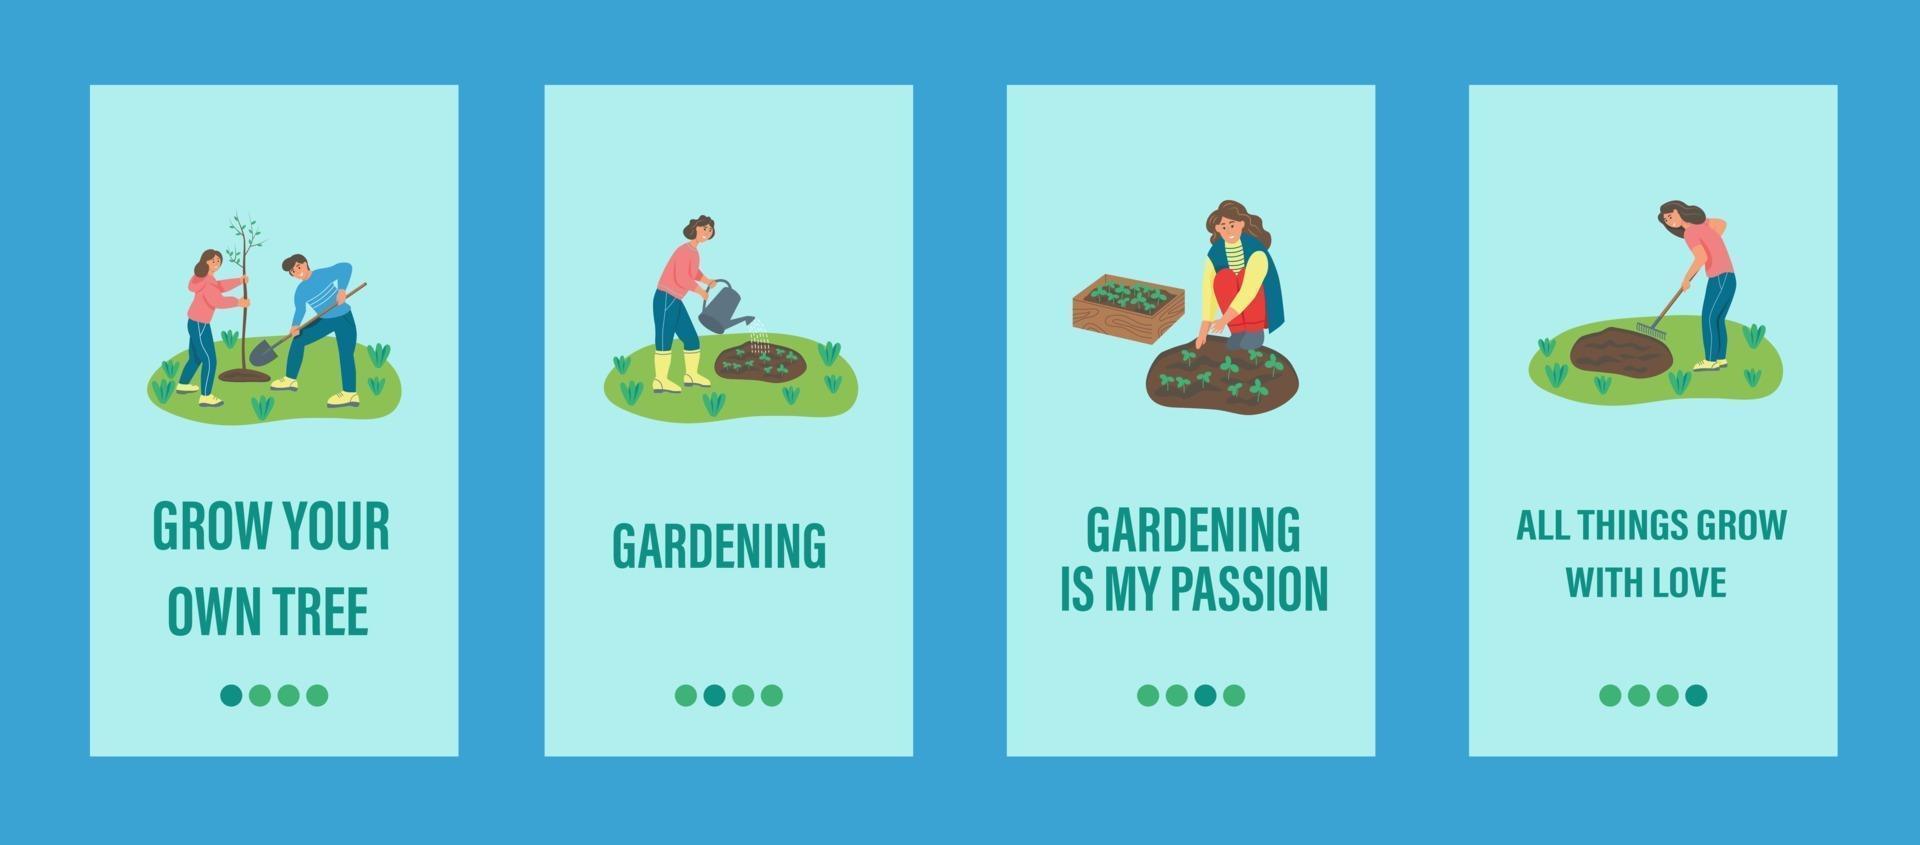 trädgårdsarbete mobil app mall. människor arbetar med trädgårdsskötsel, plantering av träd och växter. platt vektorillustration. vektor